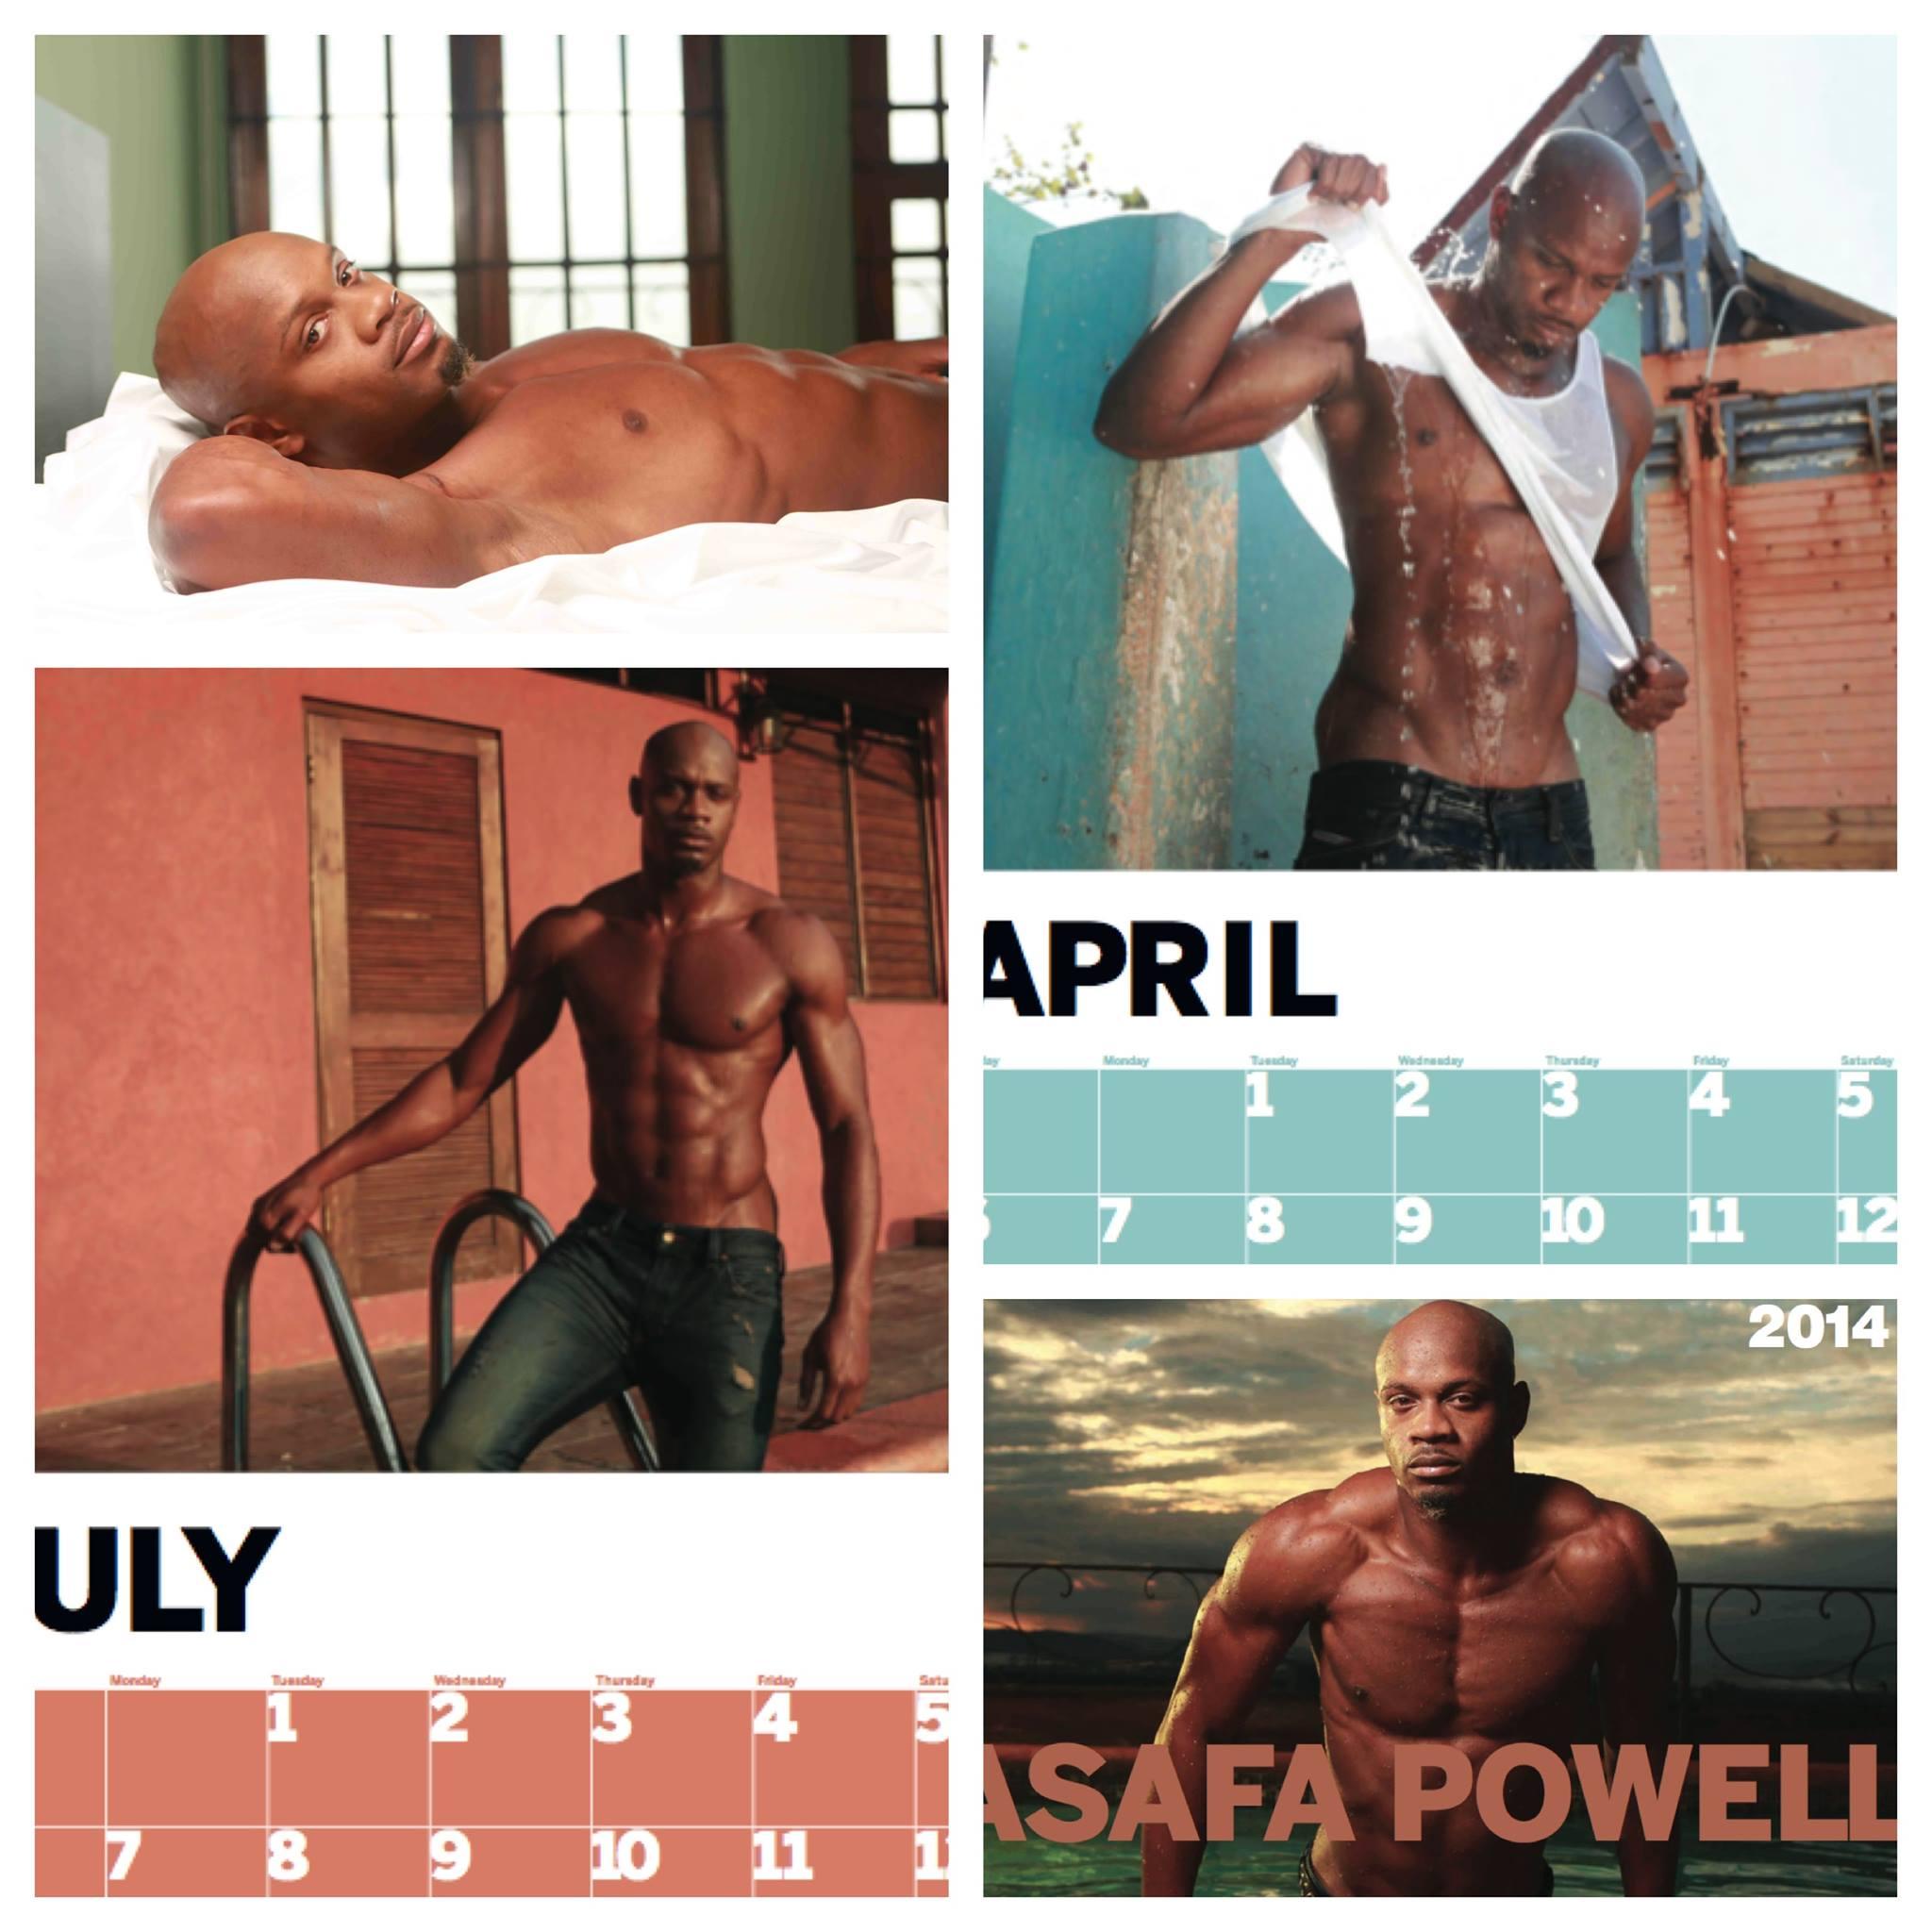 Asafa-Powell-2014-calender